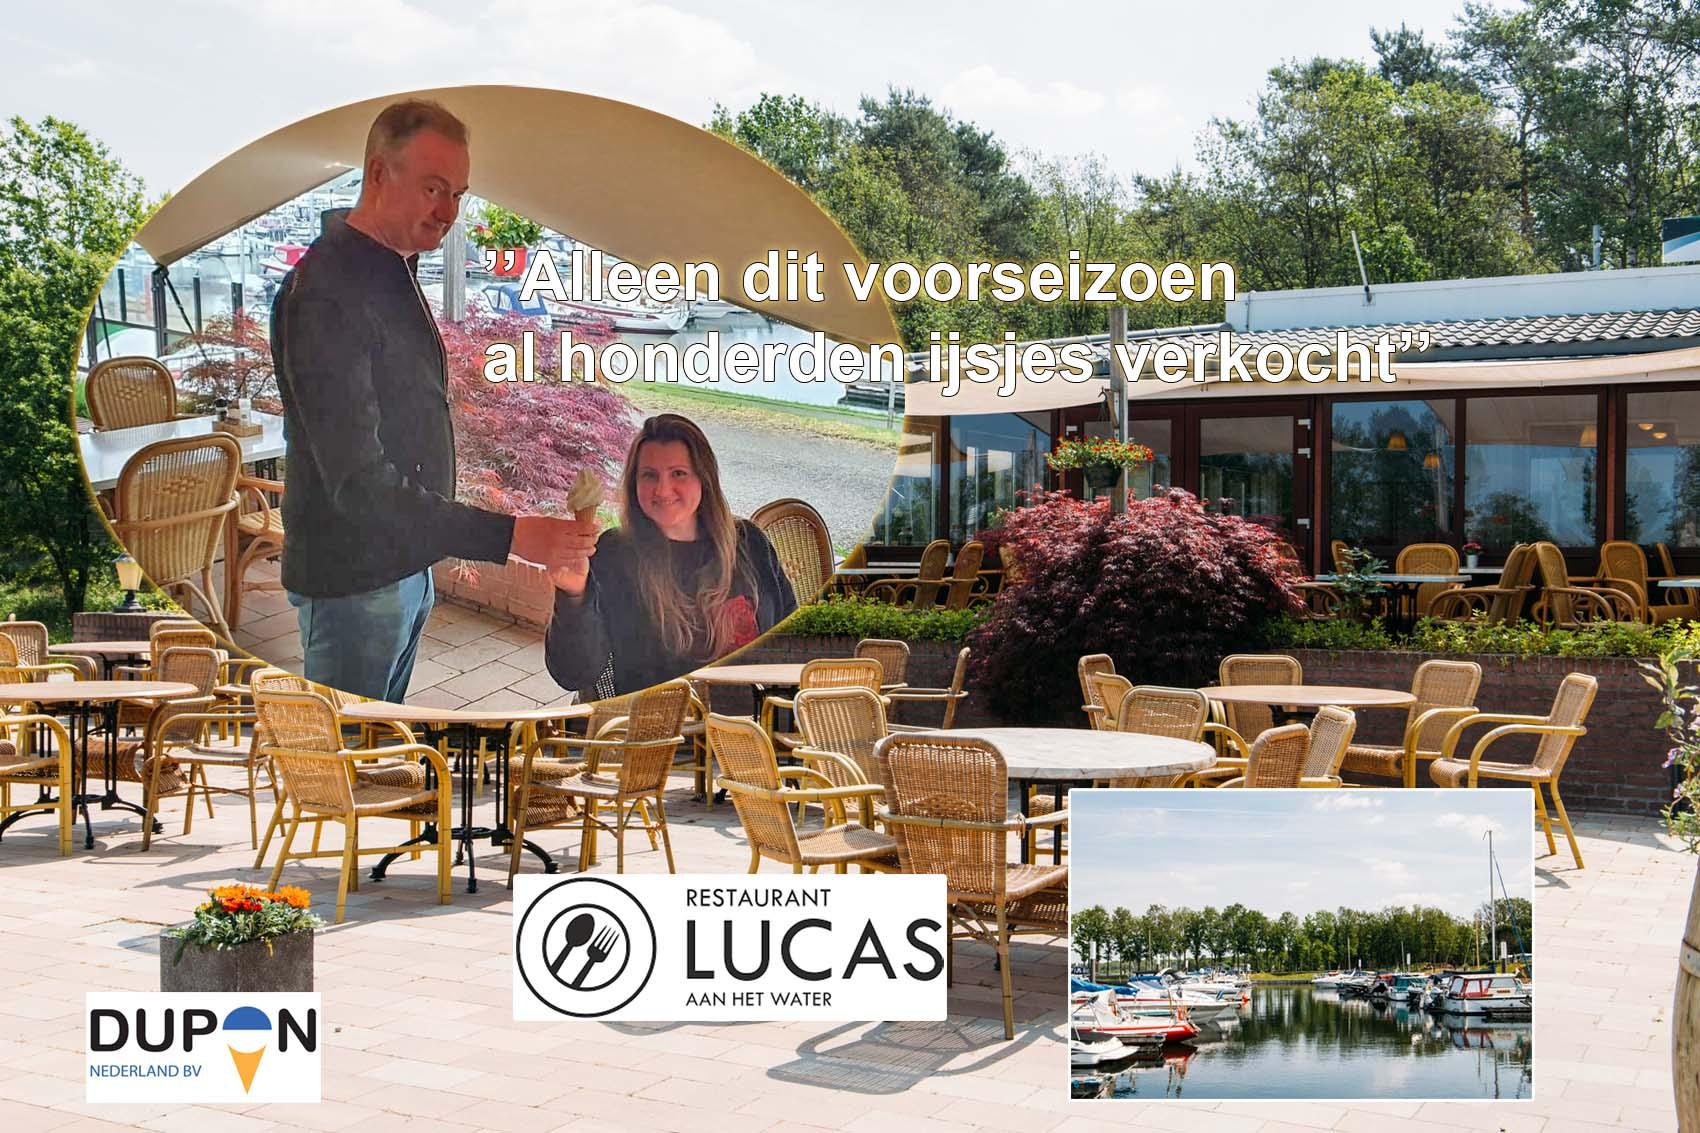 Lucas aan het water klein formaat website